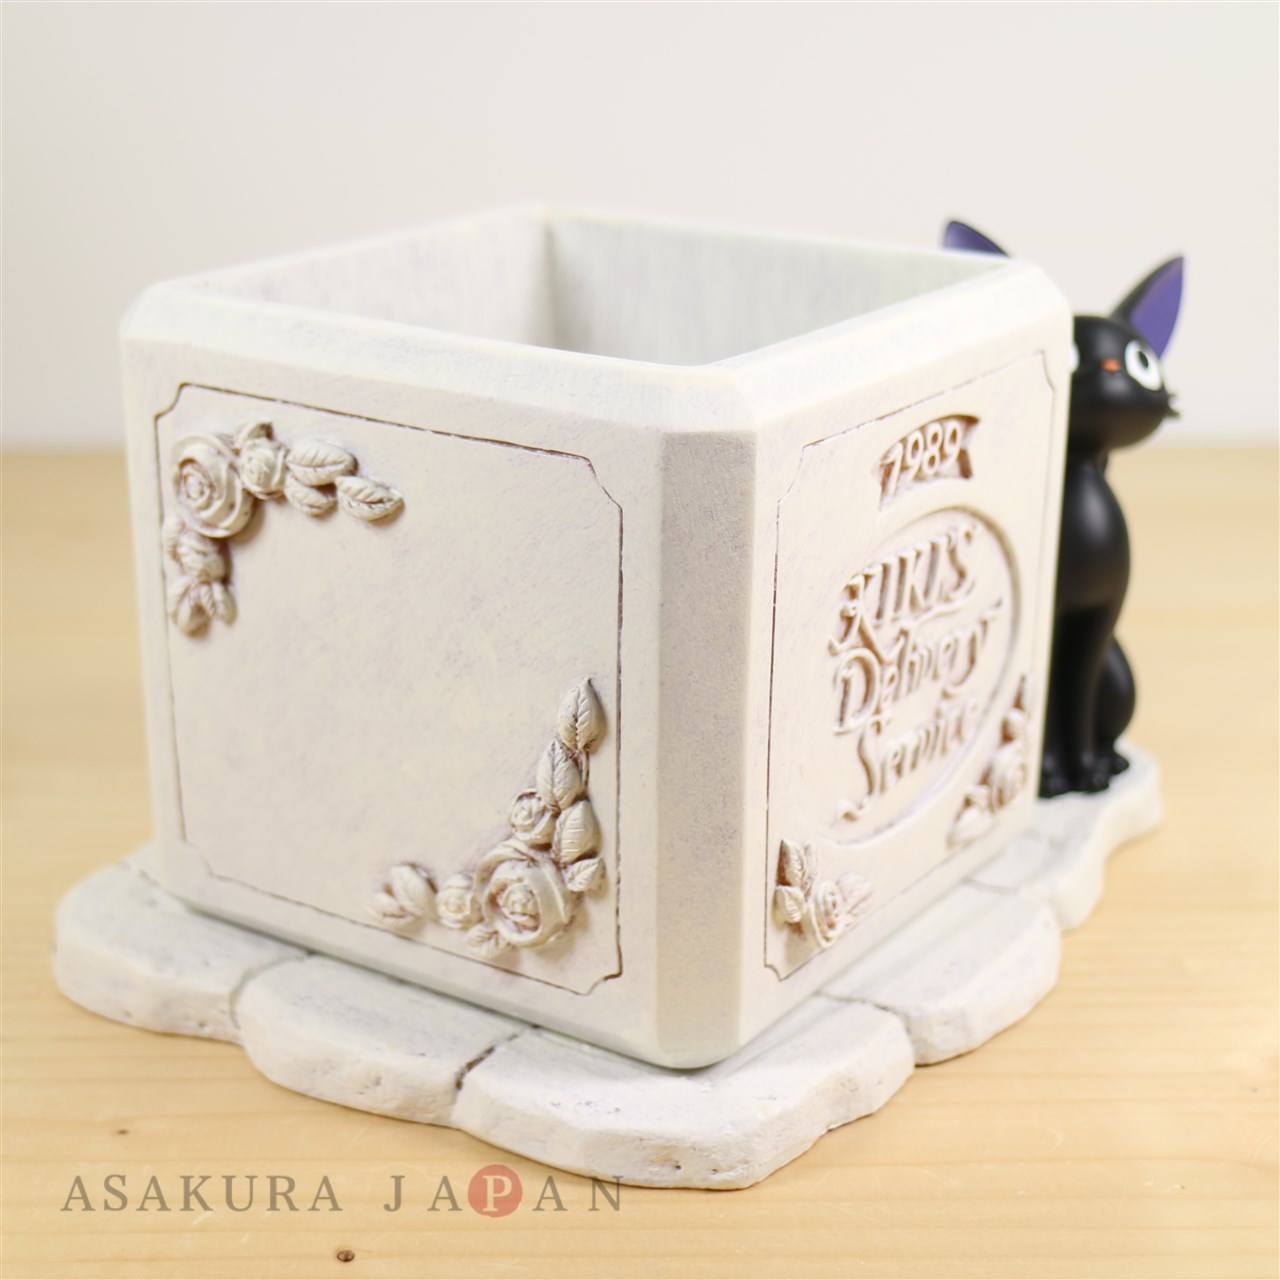 Studio Ghibli Planter Kikis Delivery Service Jiji White Flower Pot